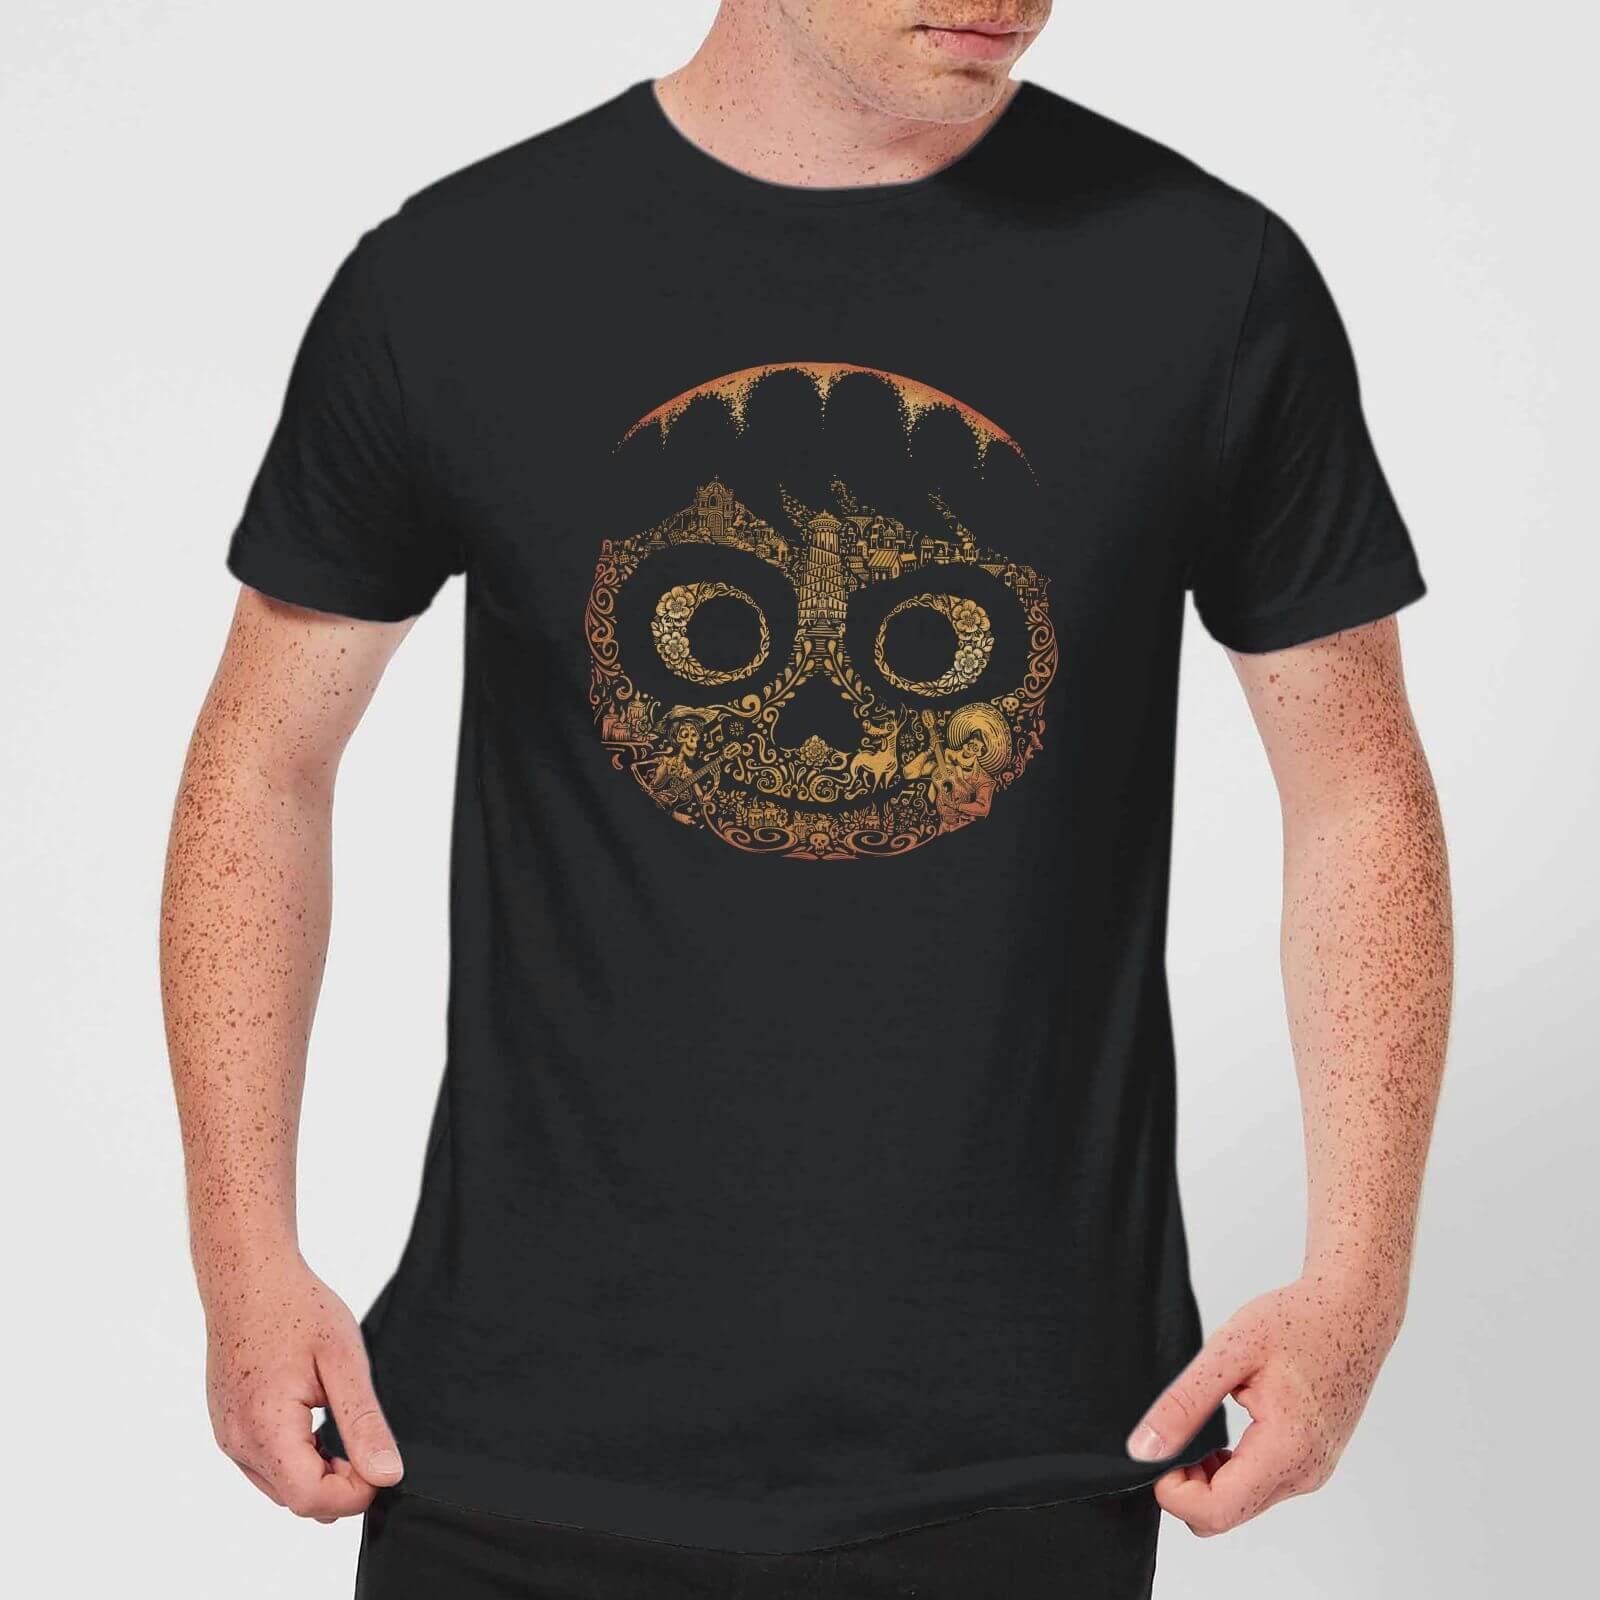 Pixar T-Shirt Homme Visage Miguel Coco - Noir - XS - Noir